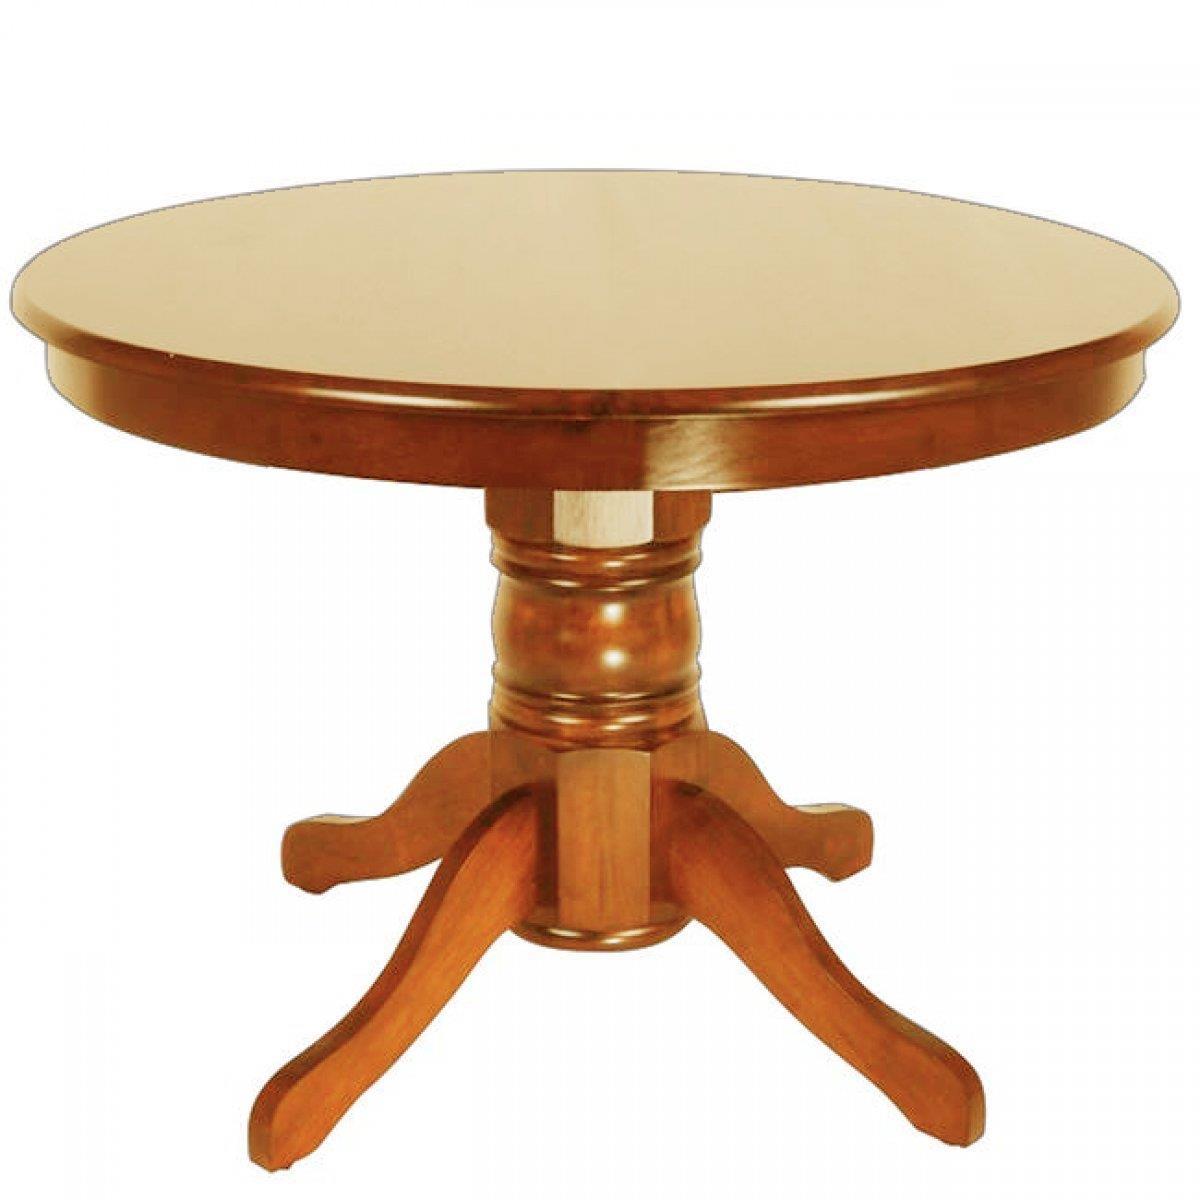 Τραπέζι ροτόντα ανοιγόμενο Kentucky-W ξύλινο σκούρο καρυδί Δ107x76cm Home Plus 02.01.0089